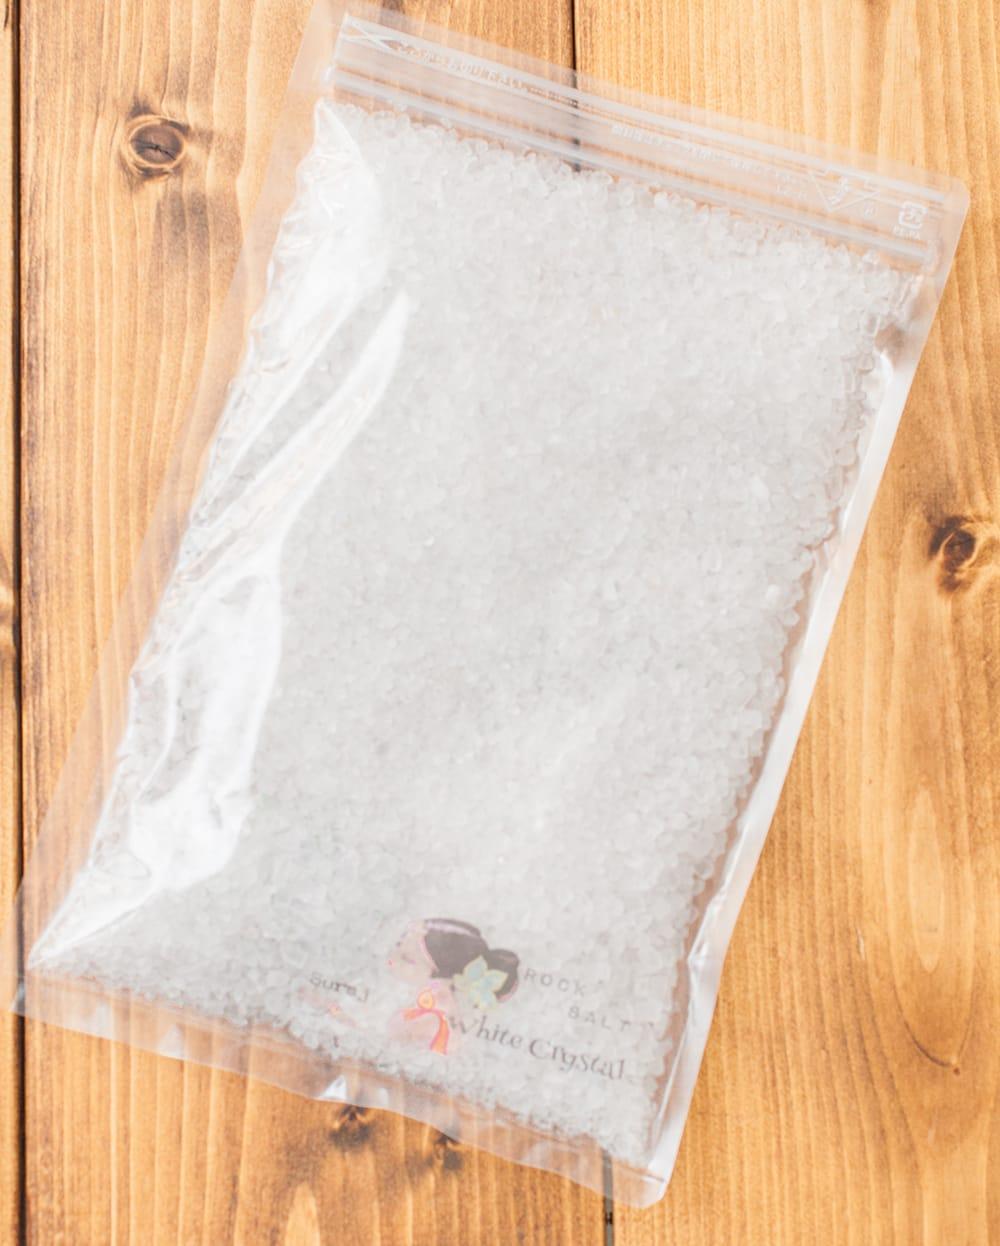 ホワイトクリスタル岩塩【ミル(粗目)500g】 2 - このようなパッケージでお届けします